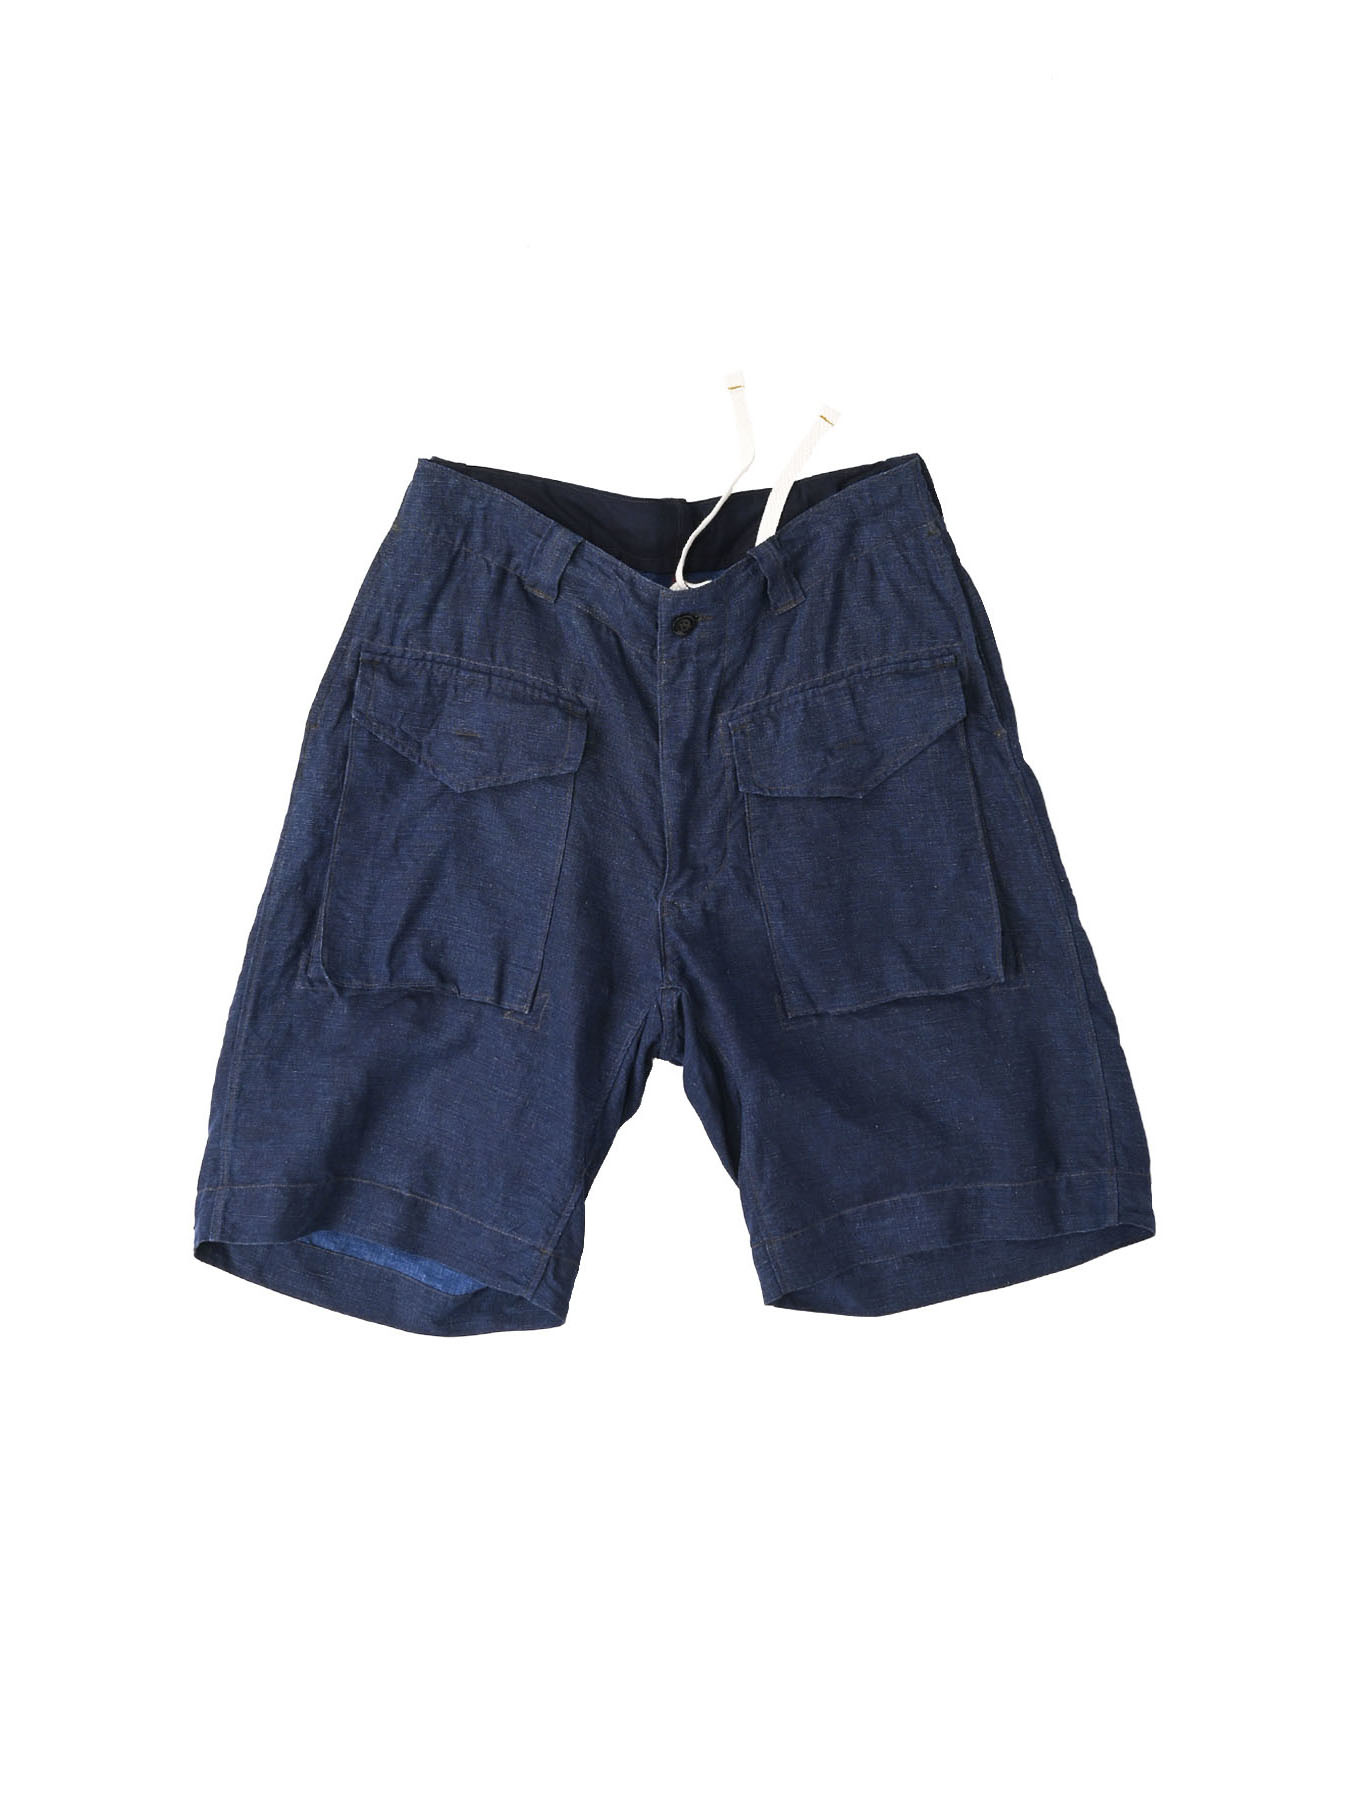 Indigo Nou Linen 908 Easy Sail Shorts (0721)-1